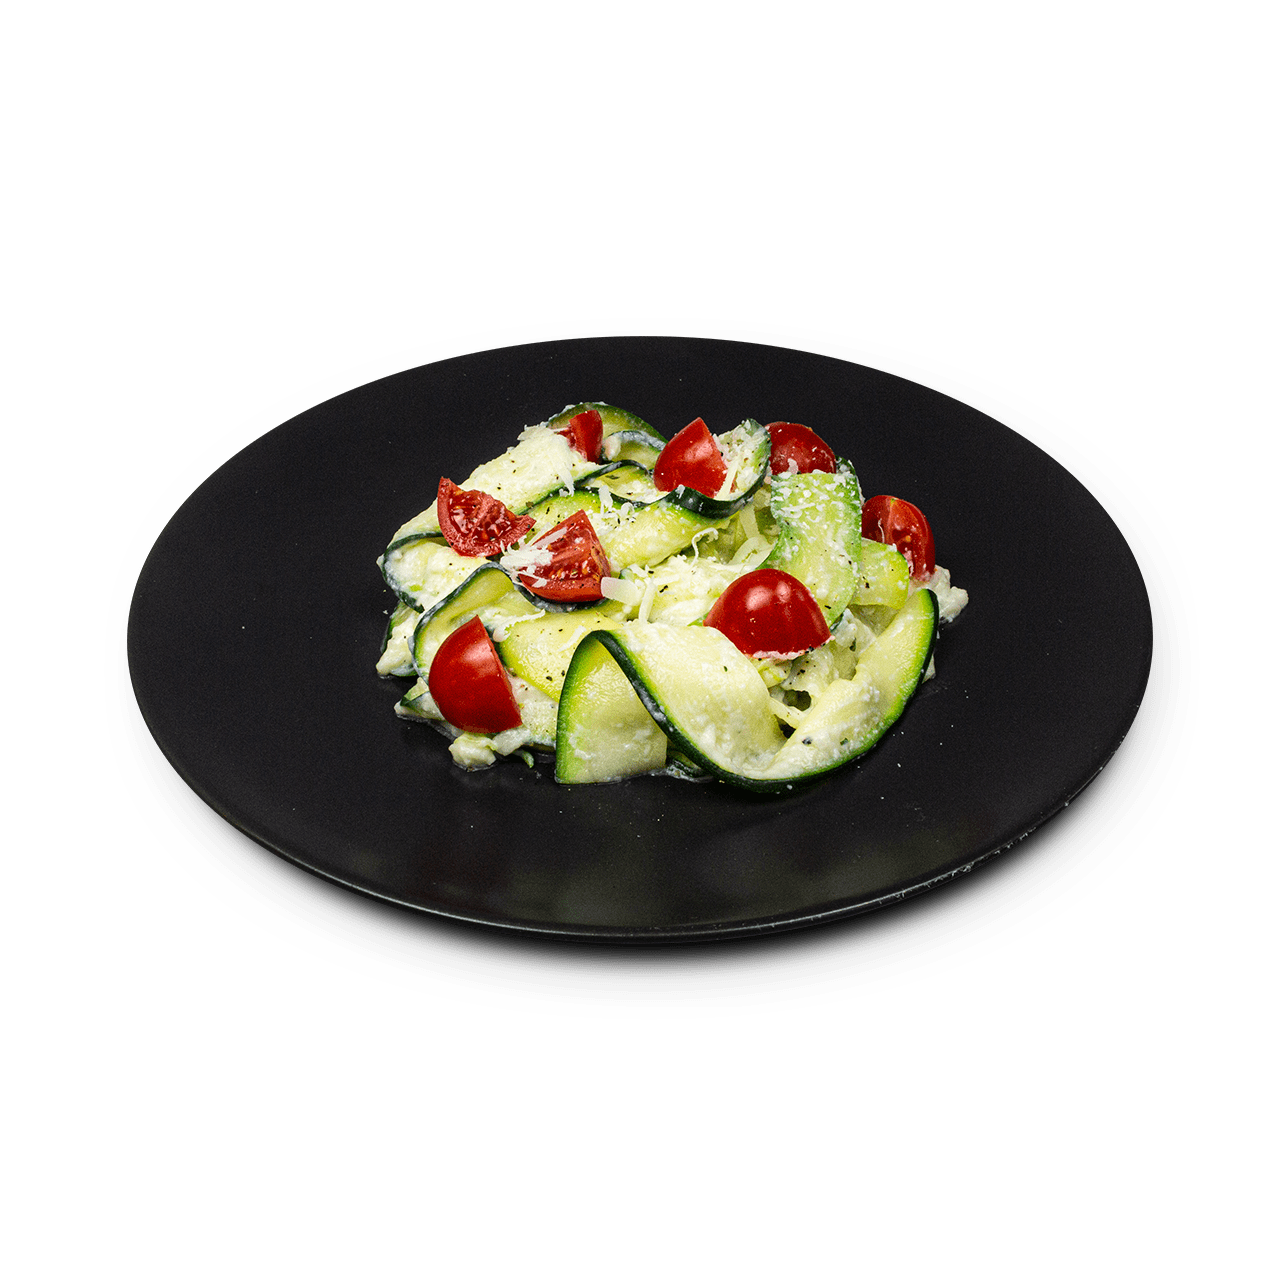 tostibanaan-courgette-linten-witte-saus-cherrytomaat